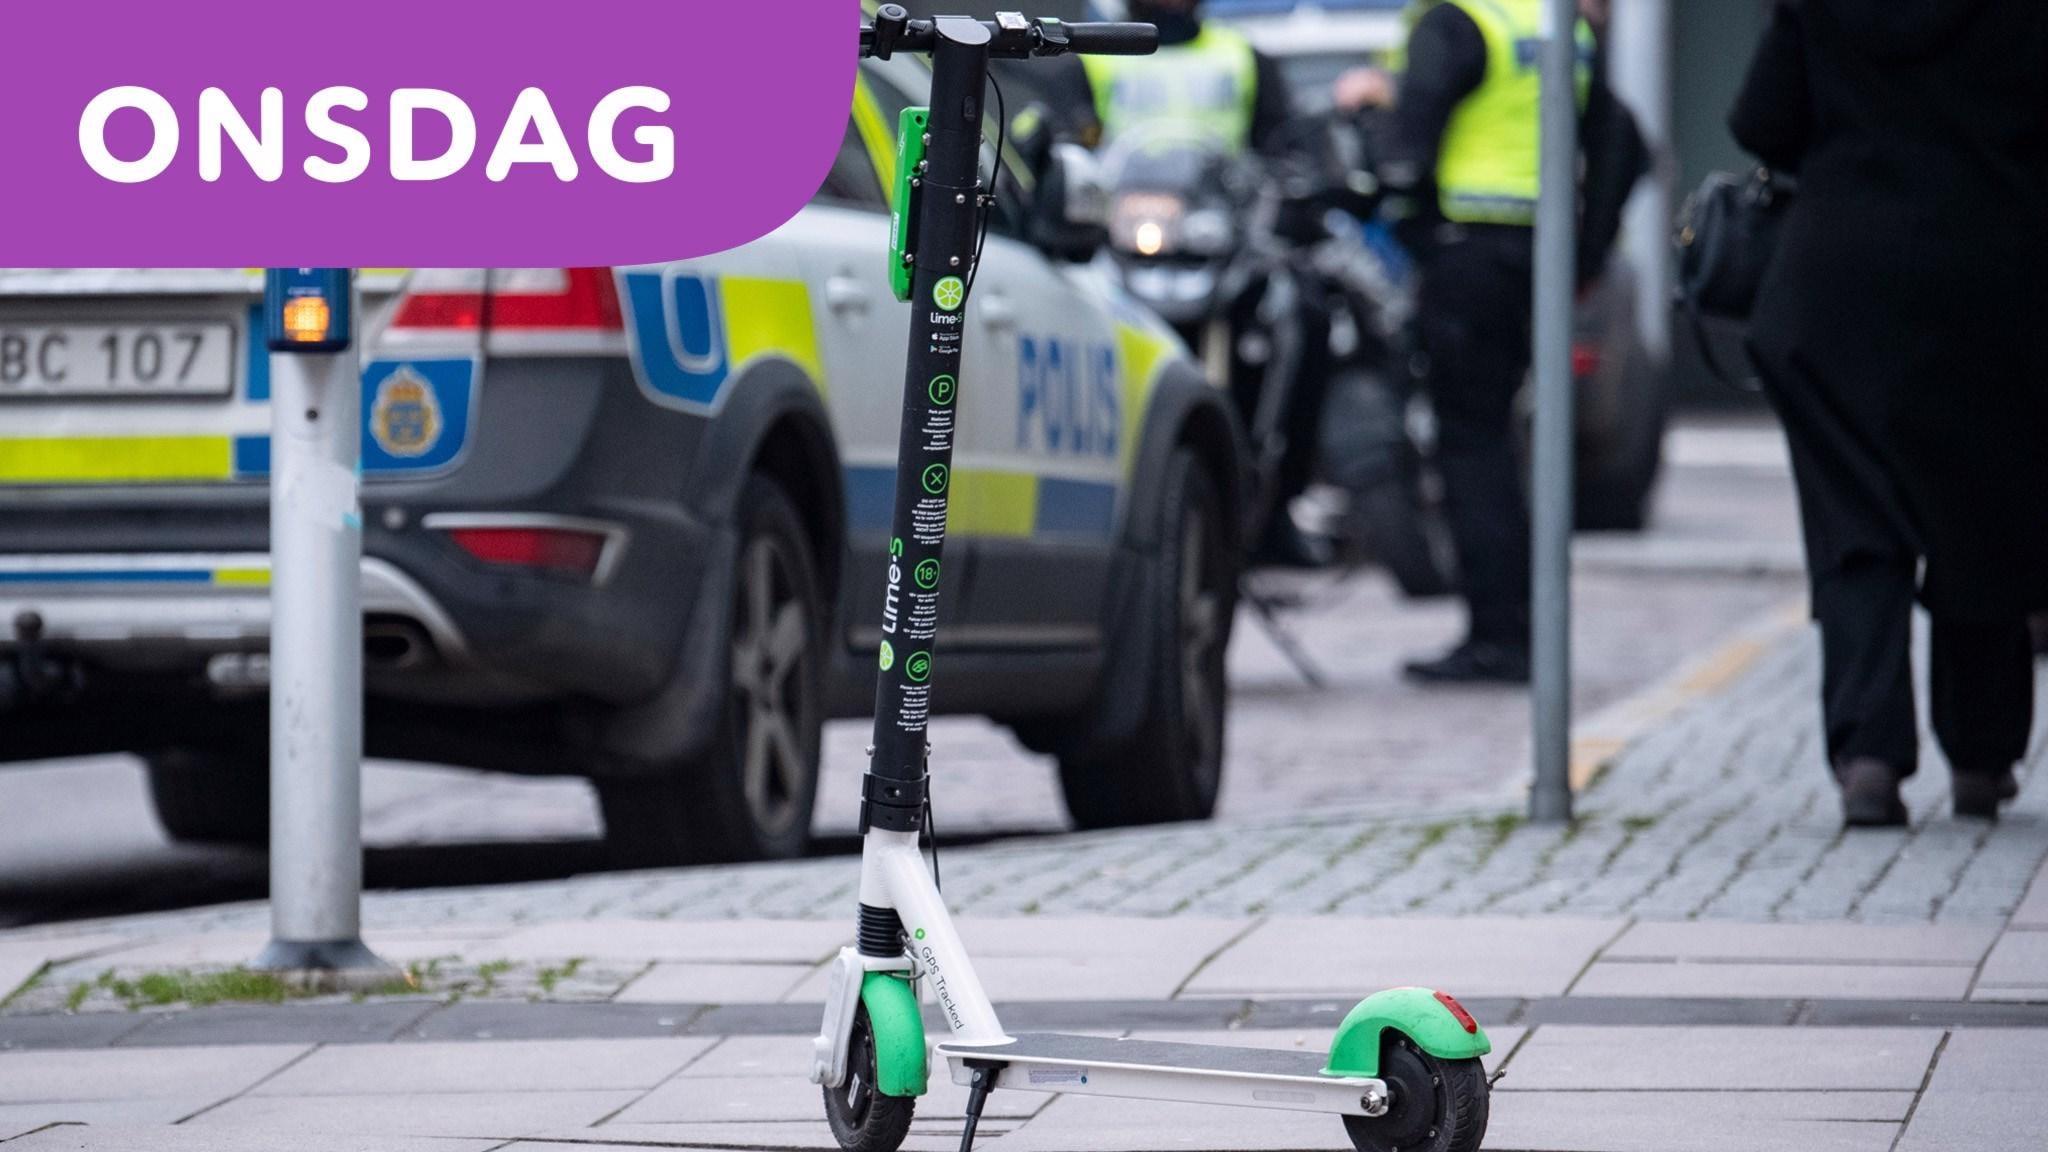 Olyckor på elsparkcyklar allt vanligare